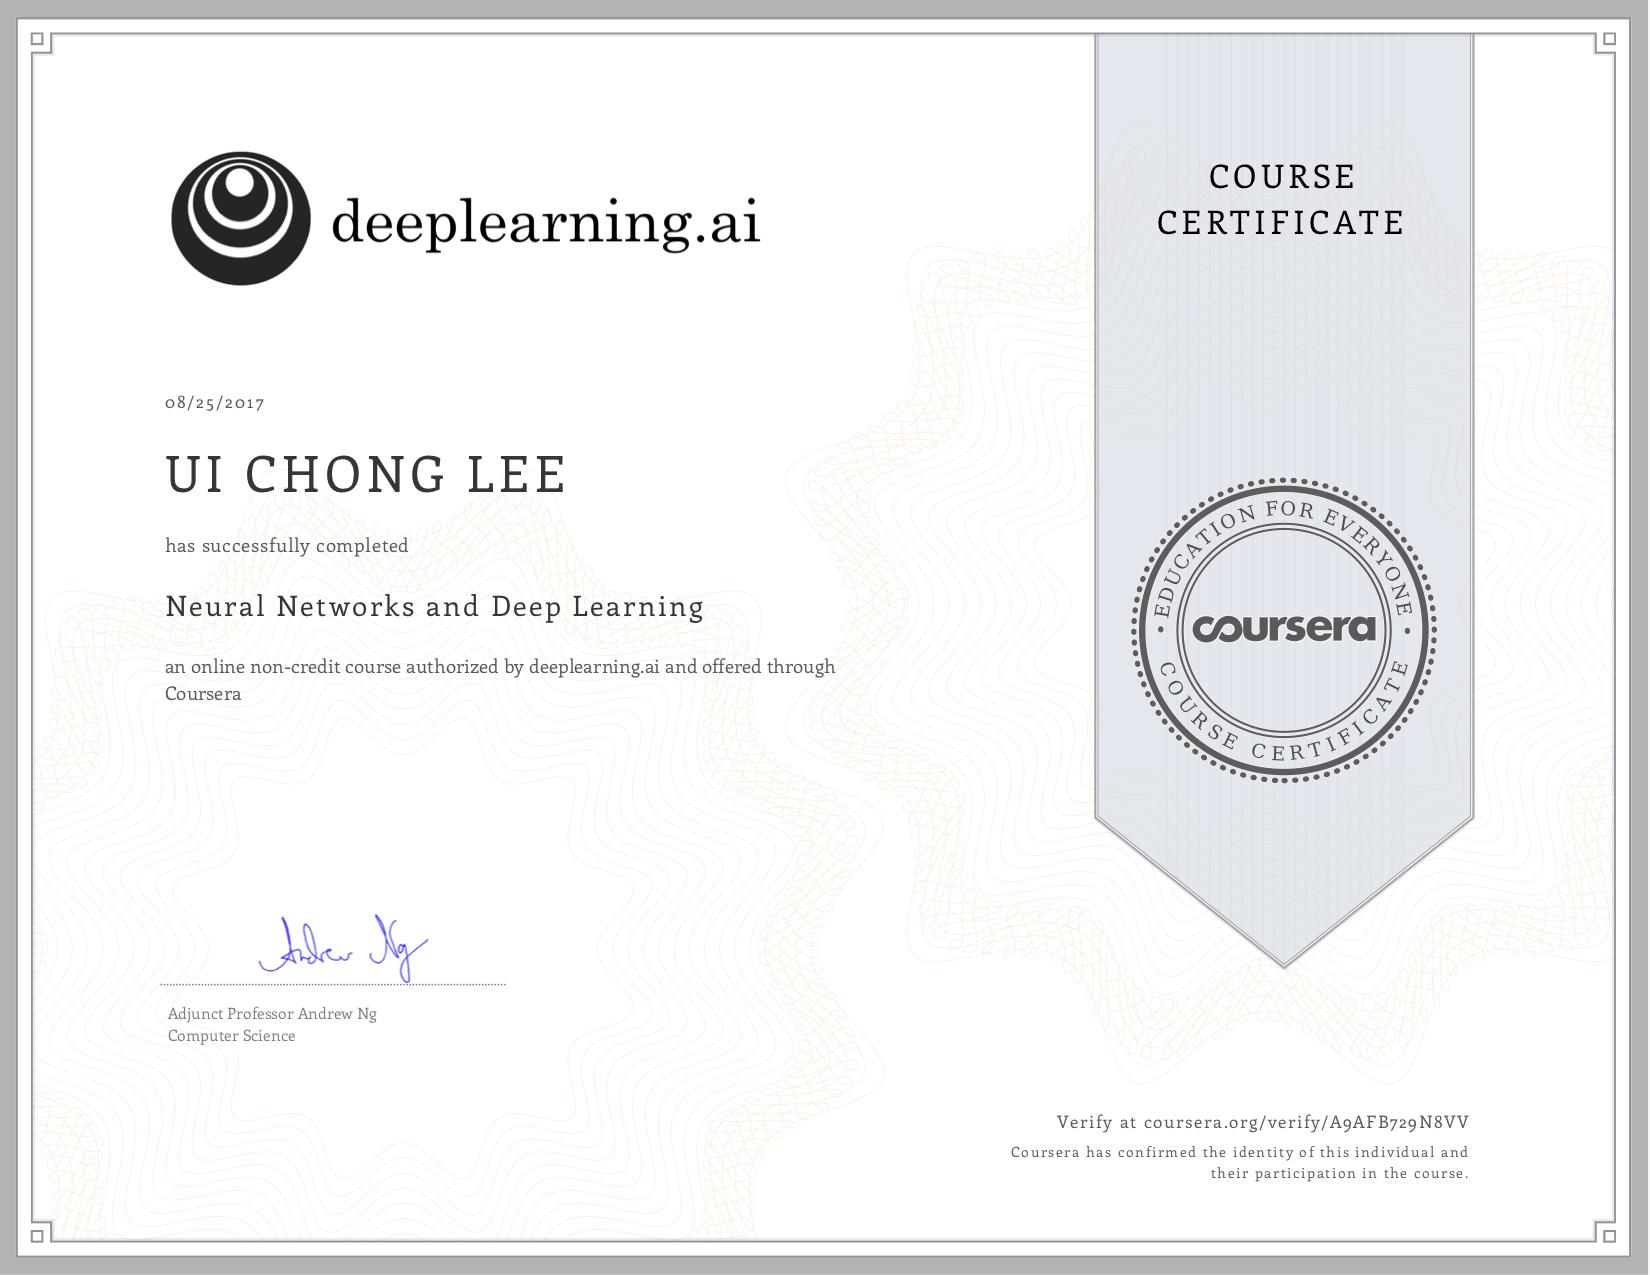 Coursera Certificate